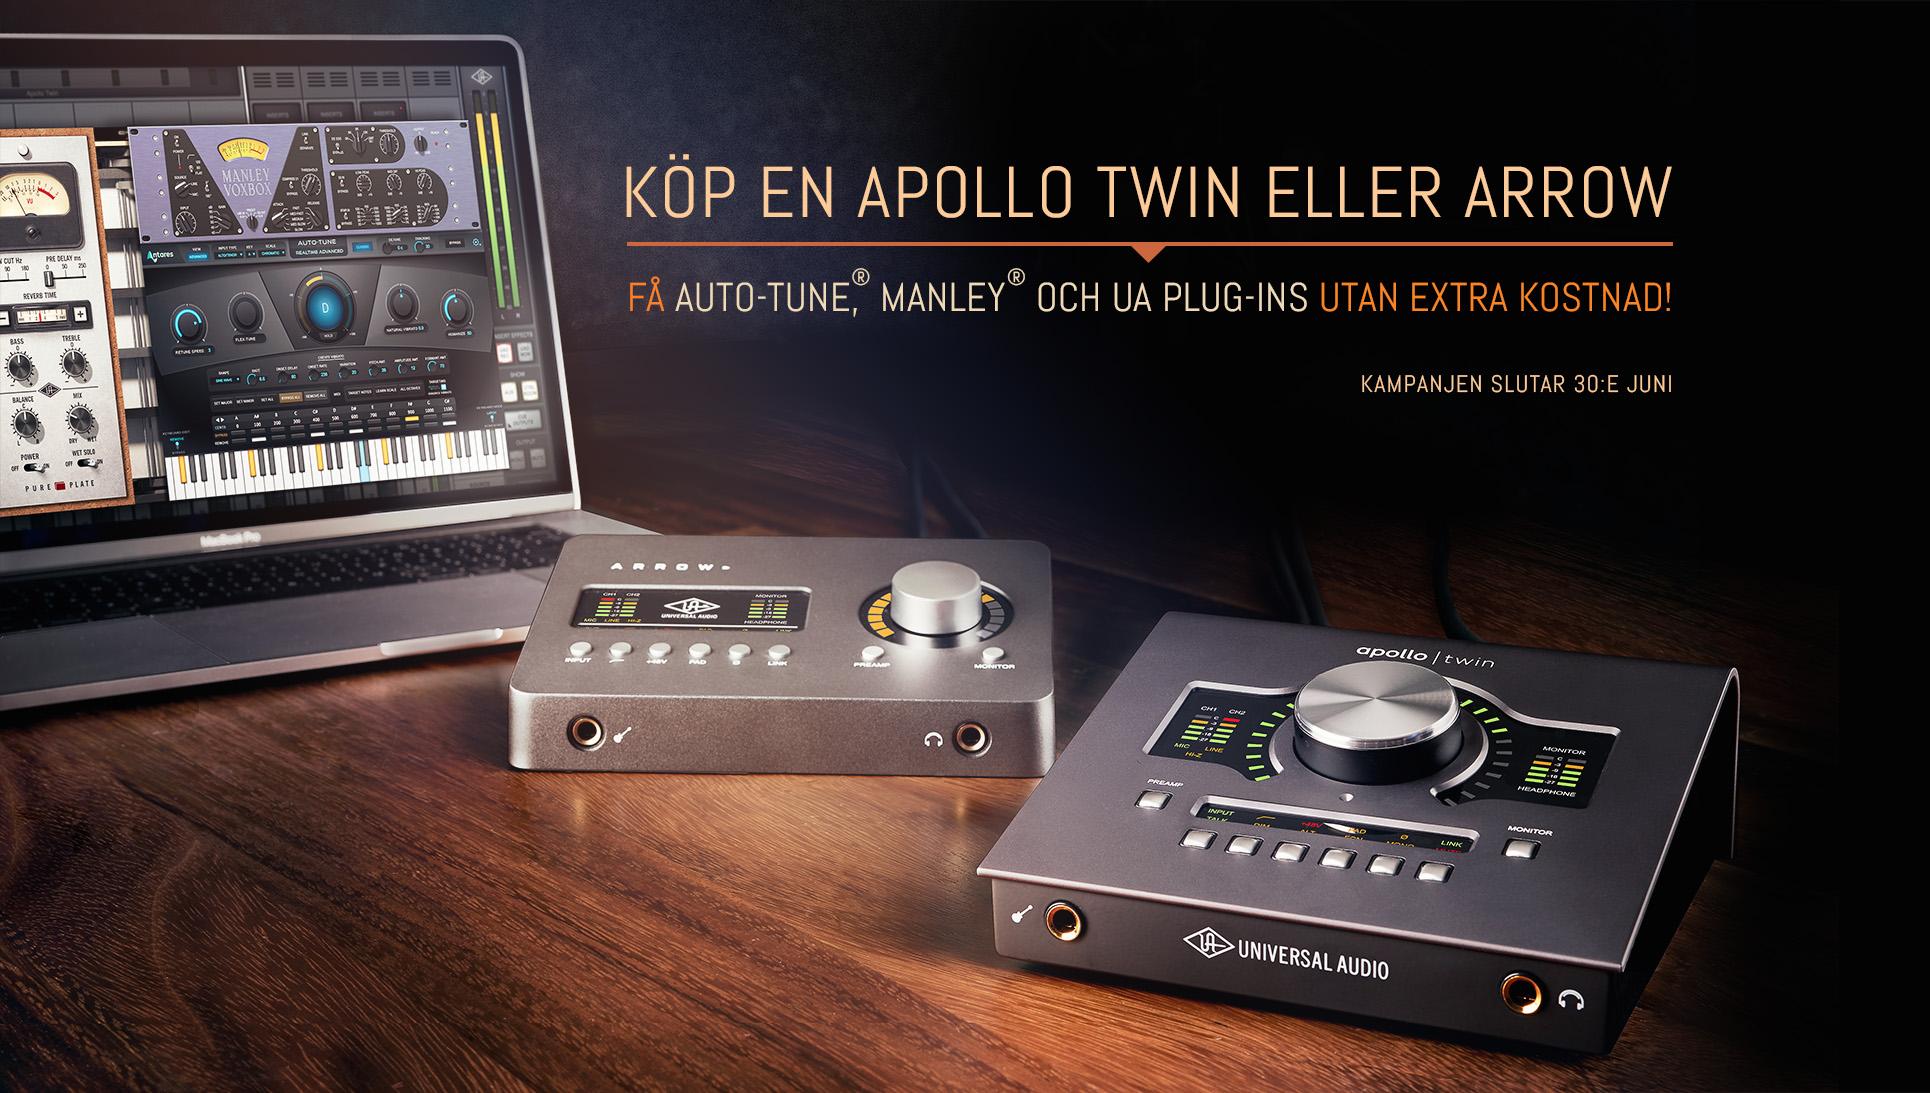 Universal Audio kampanj – Köp Apollo Twin eller Arrow och få Auto-Tune, Manley och UA plug-ins utan extra kostnad